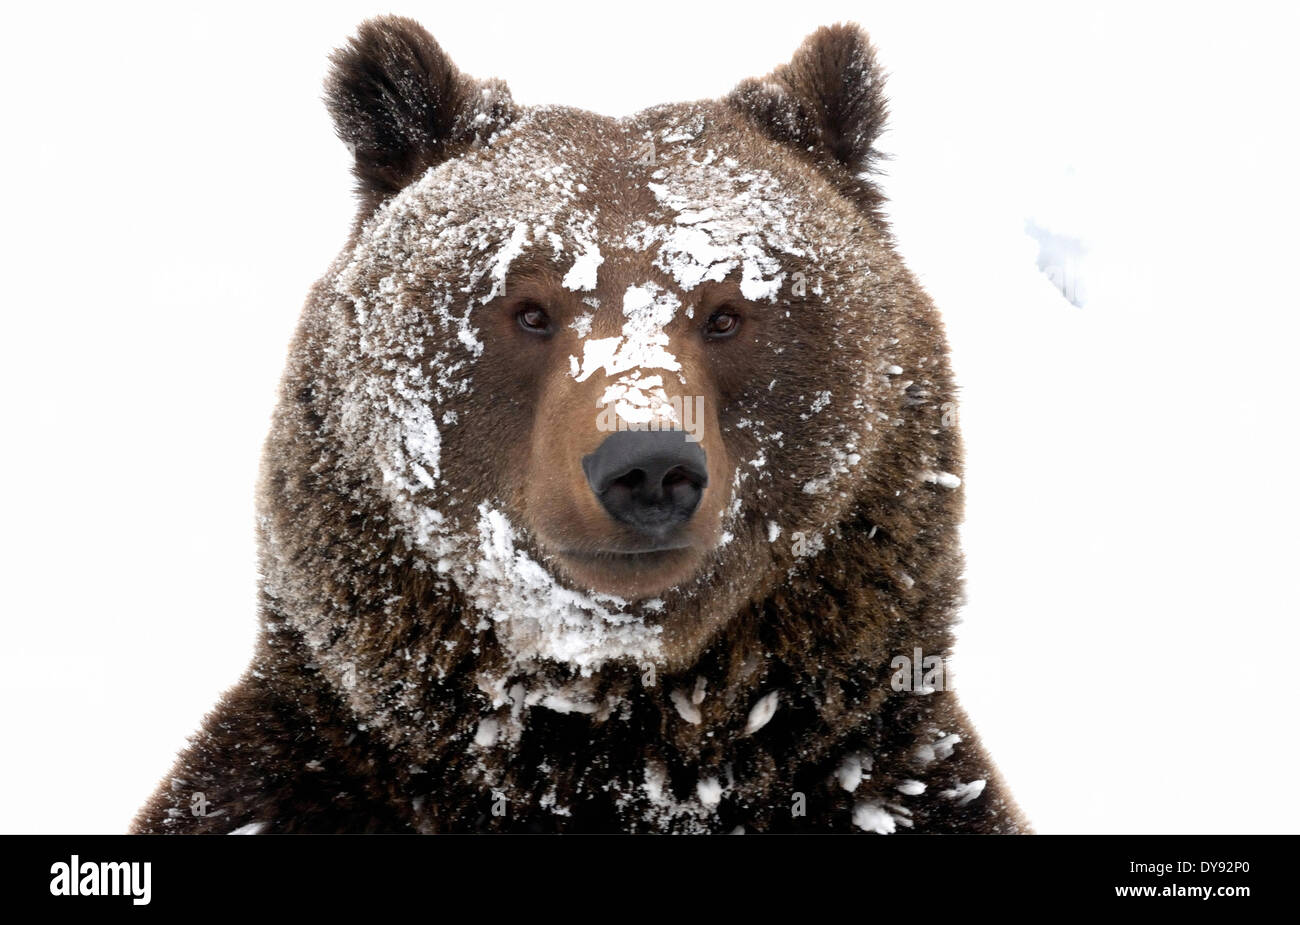 Ours brun ours ours brun européen européen prédateur Ursus arctos Ursus hiver neige hiver furtivement Photo Stock